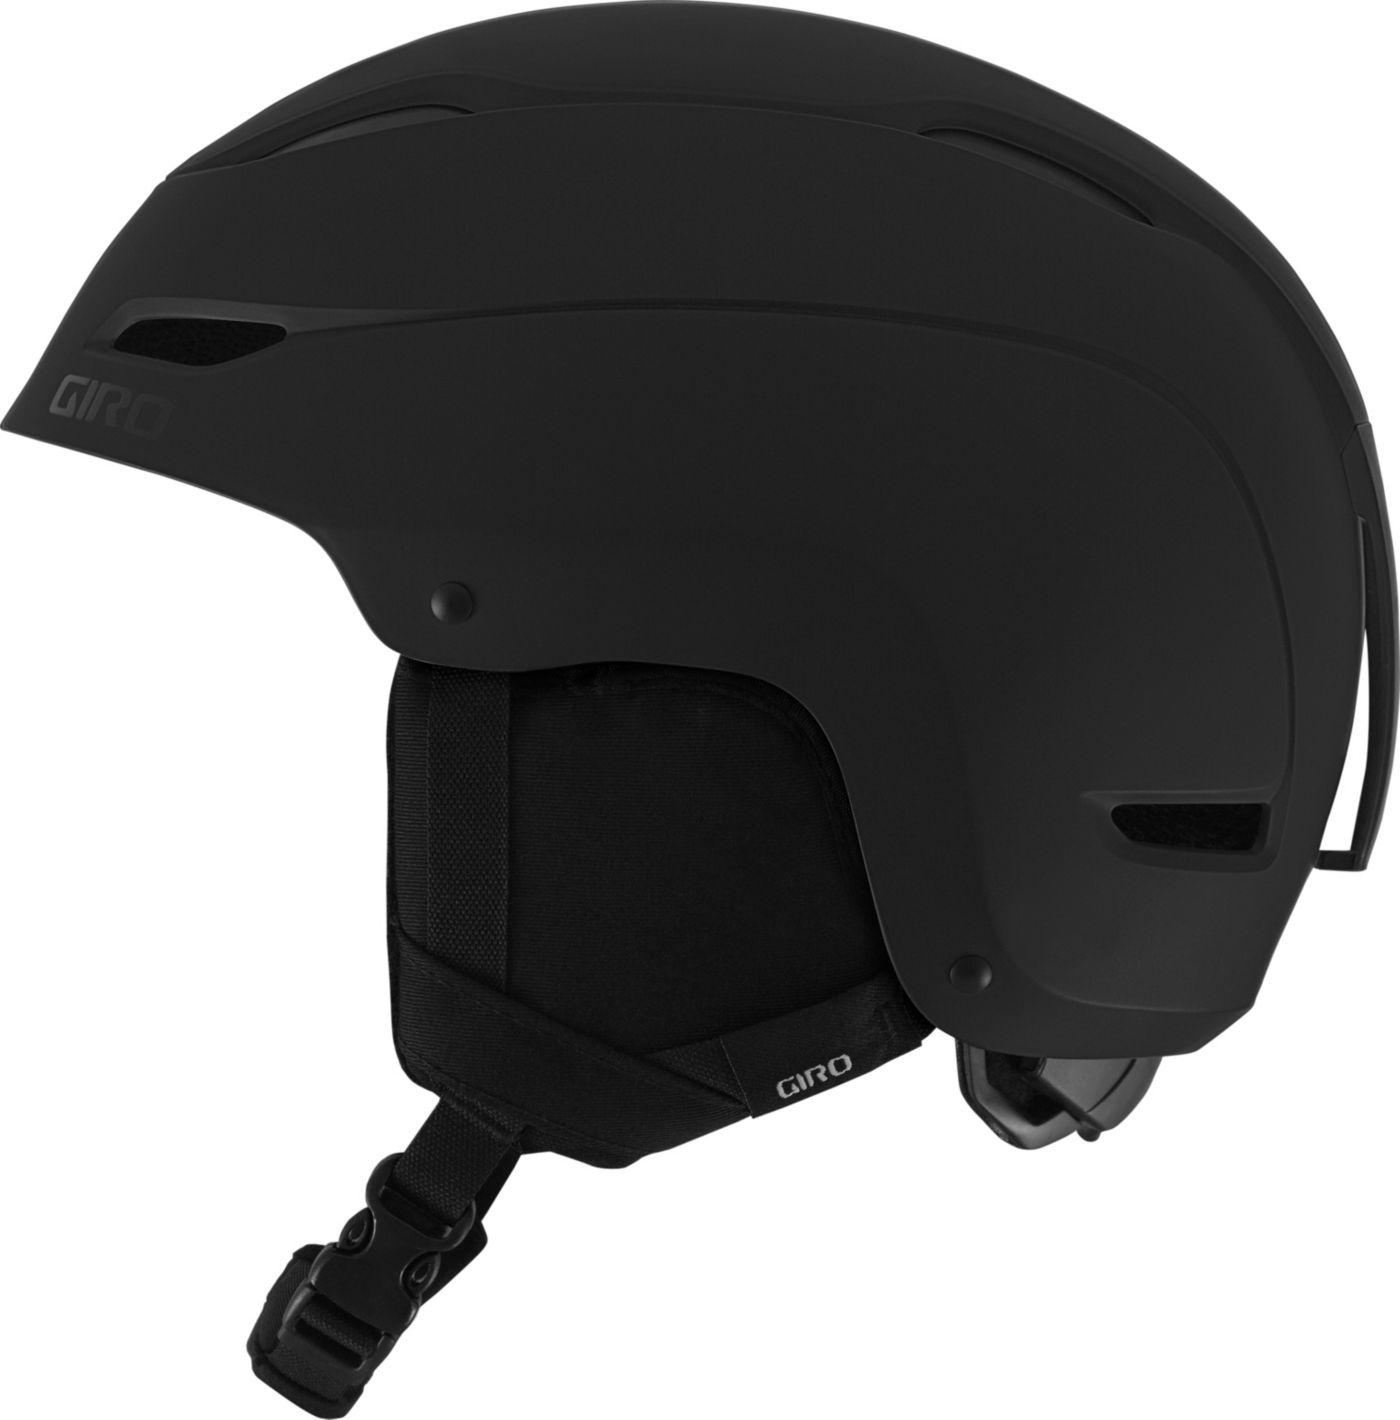 Giro Adult Ratio Snow Helmet